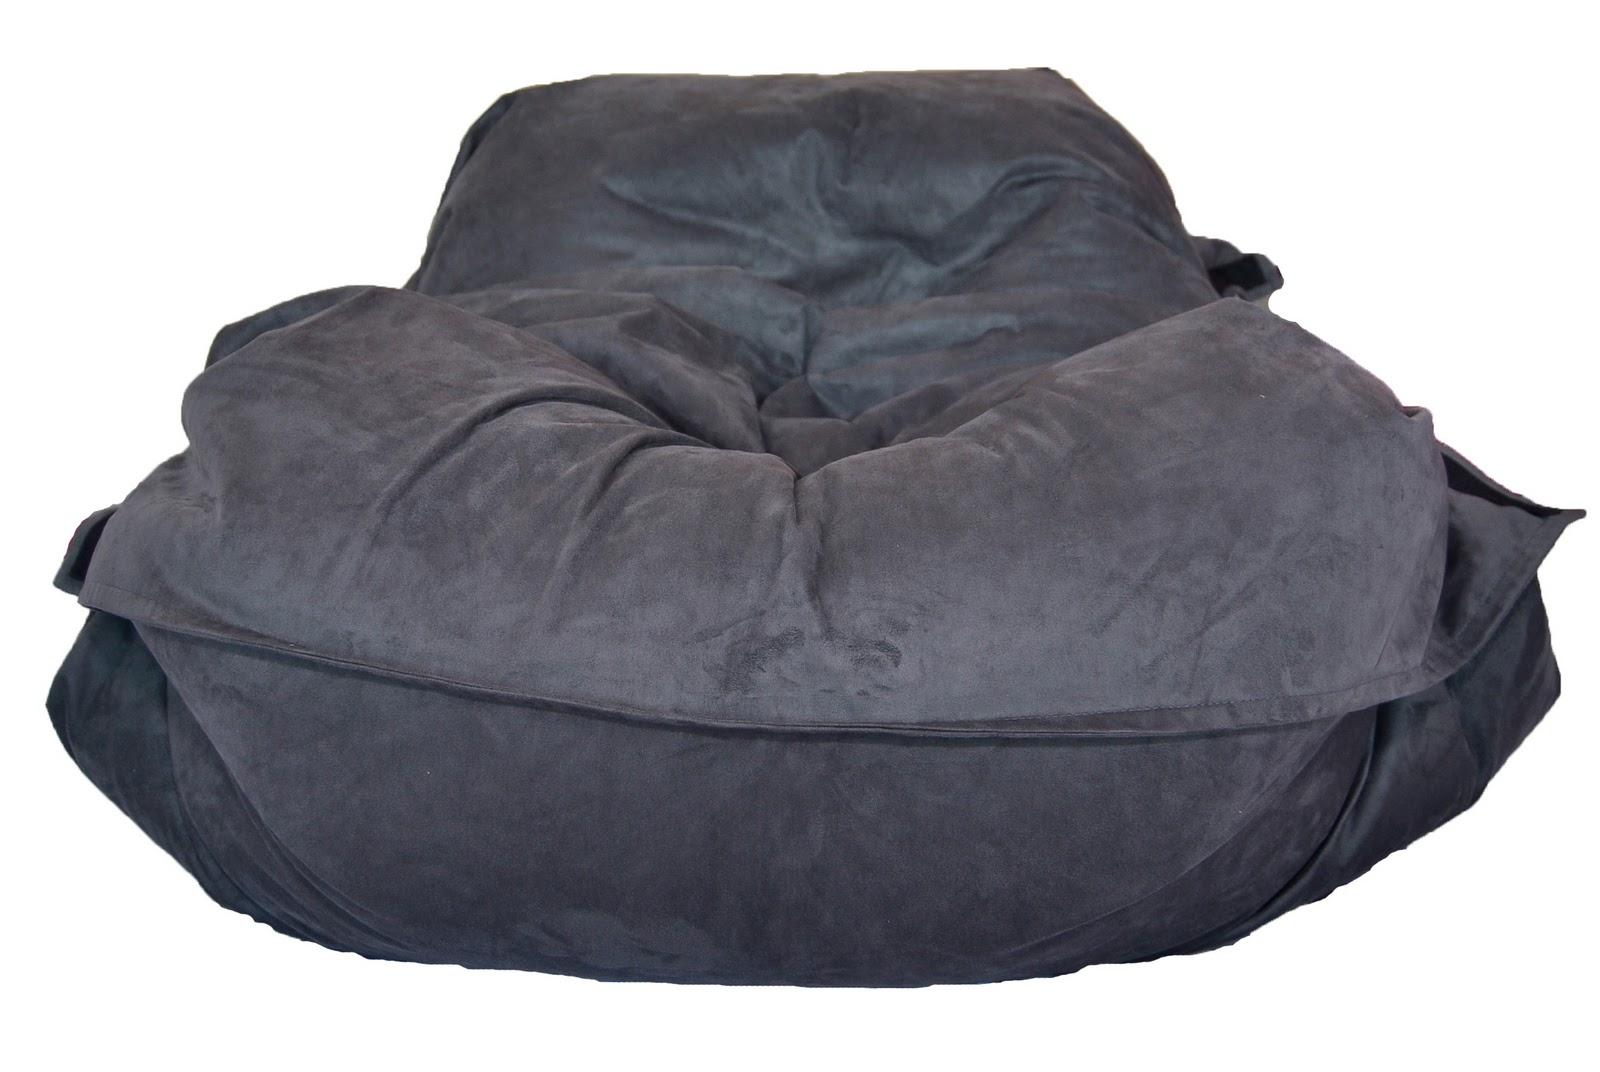 Bean Bag Chairs Cheap Chair Cover Hire South East London Bags Malaysia